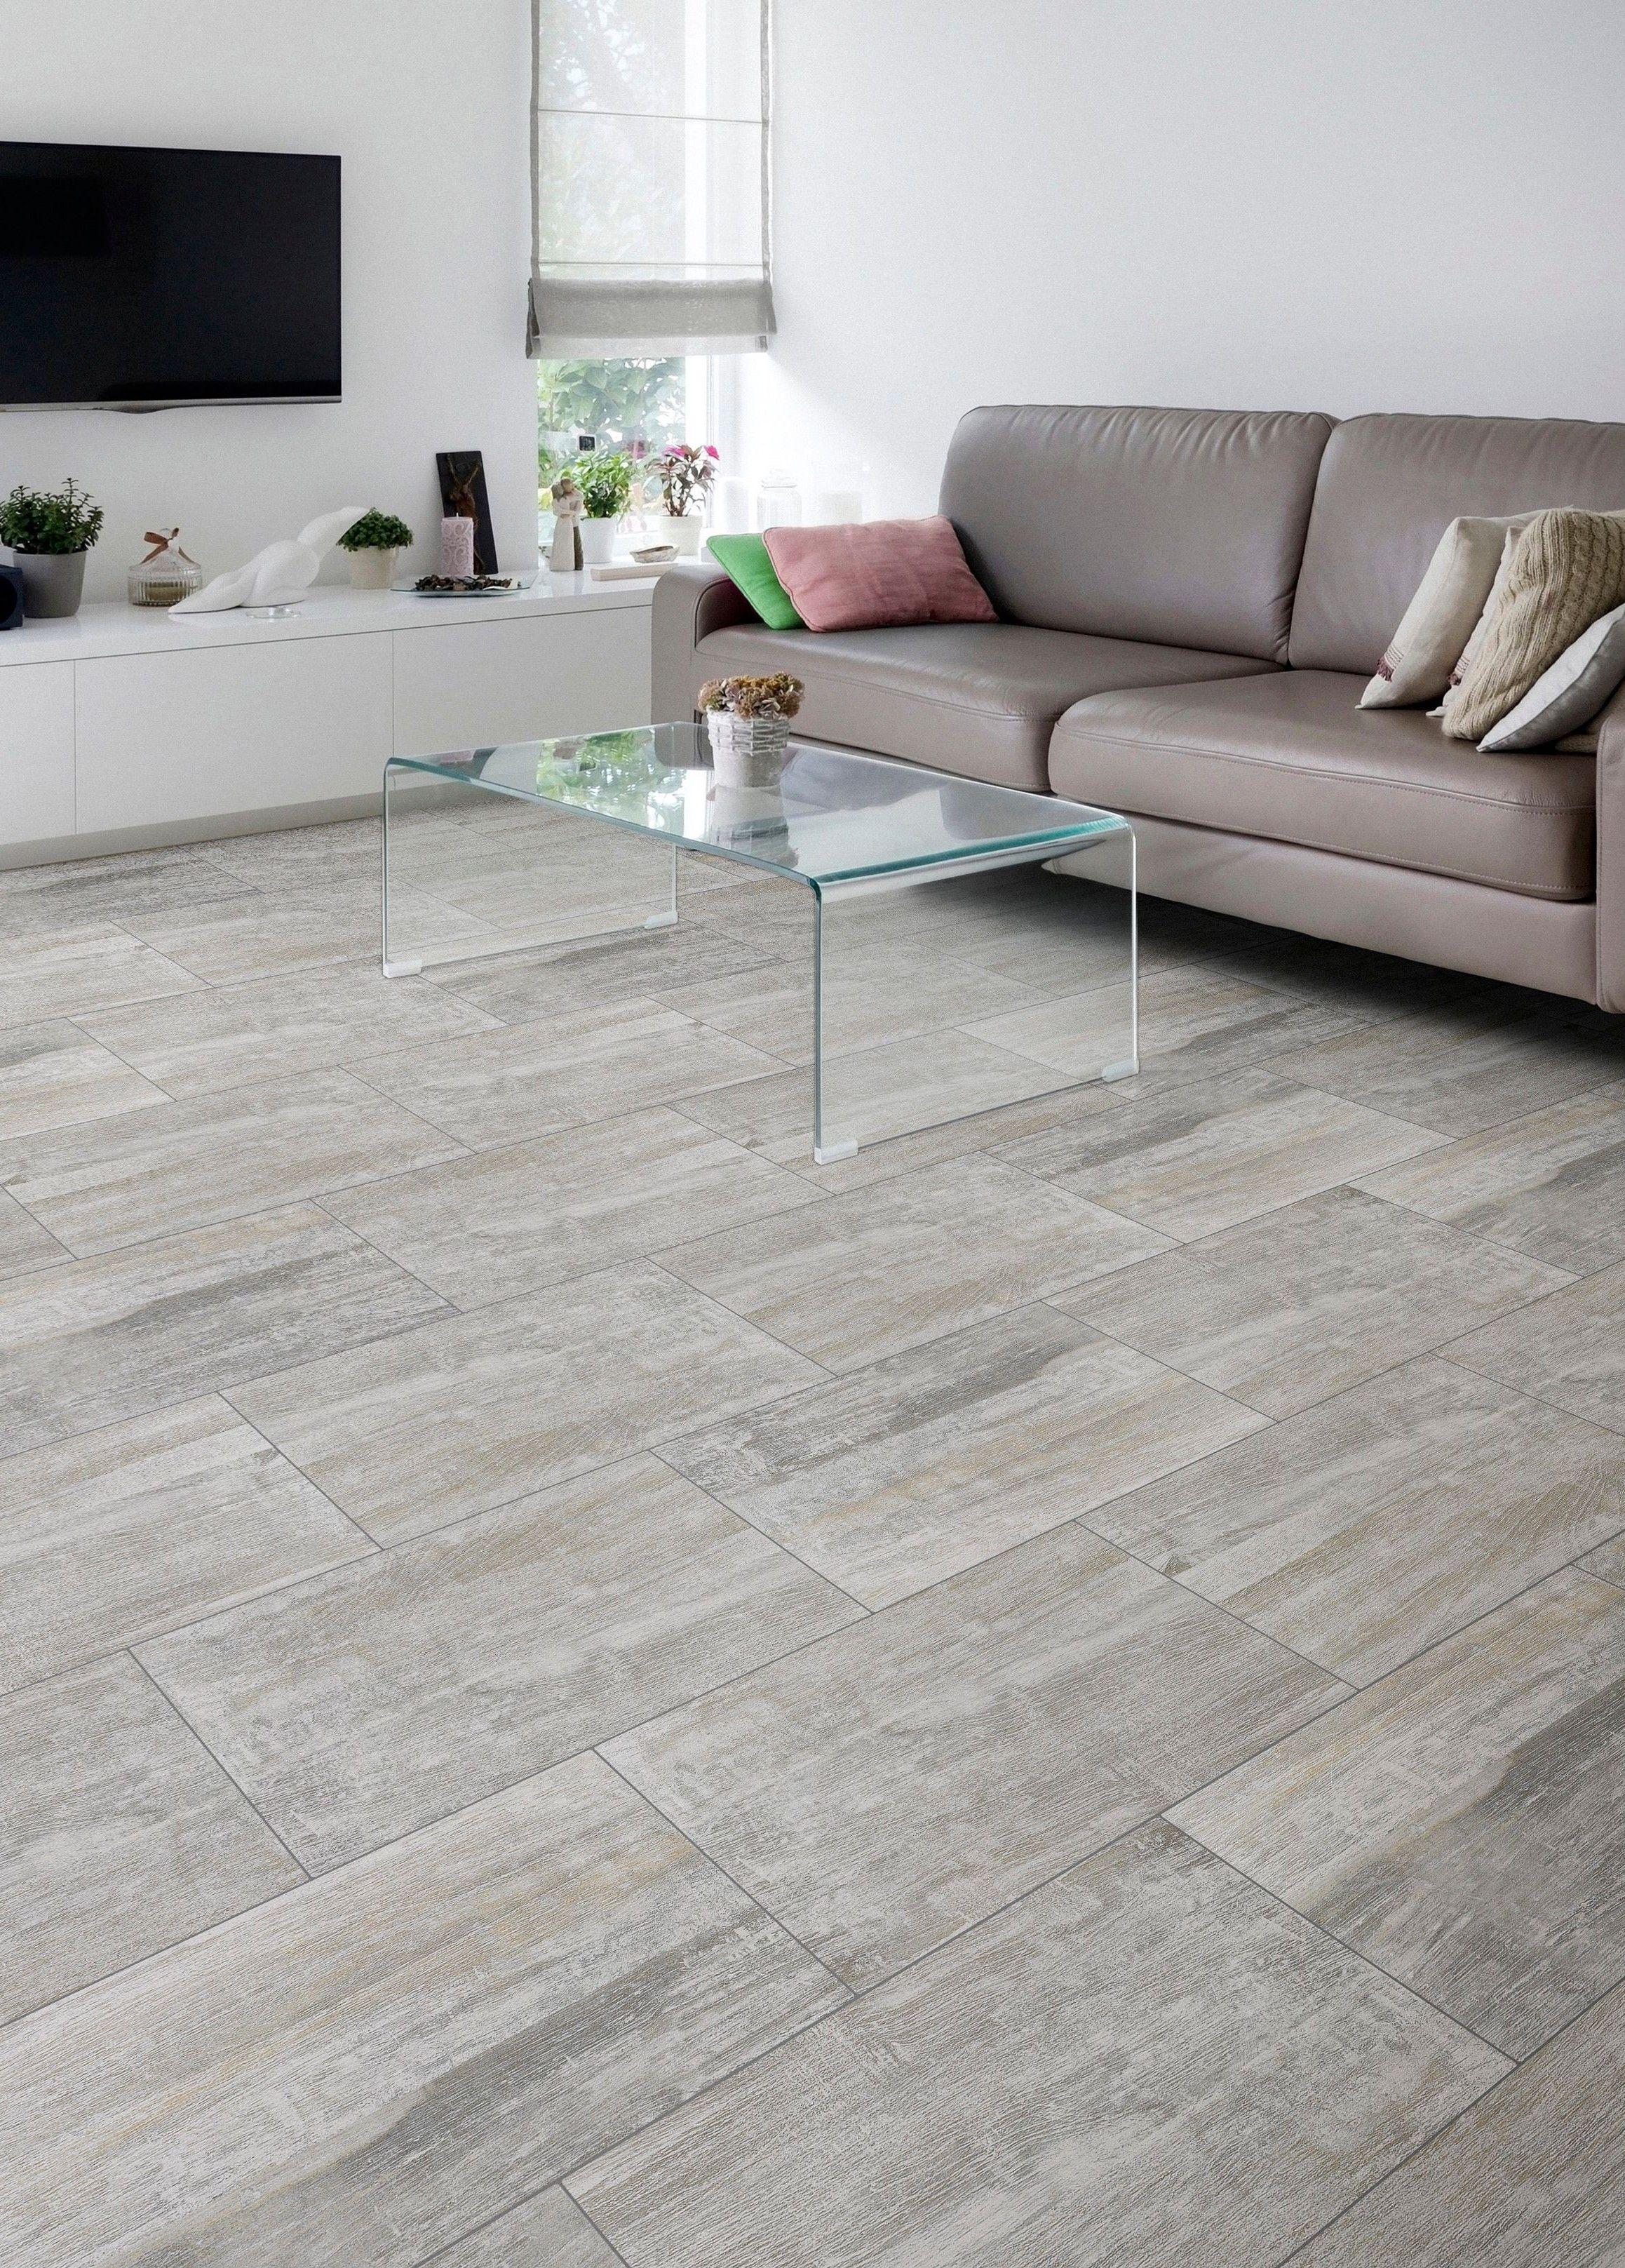 7 Inspiring Ceramic Tile Floors Dova Home Ceramic Tile Floor Bathroom Ceramic Floor Tiles Floor Design